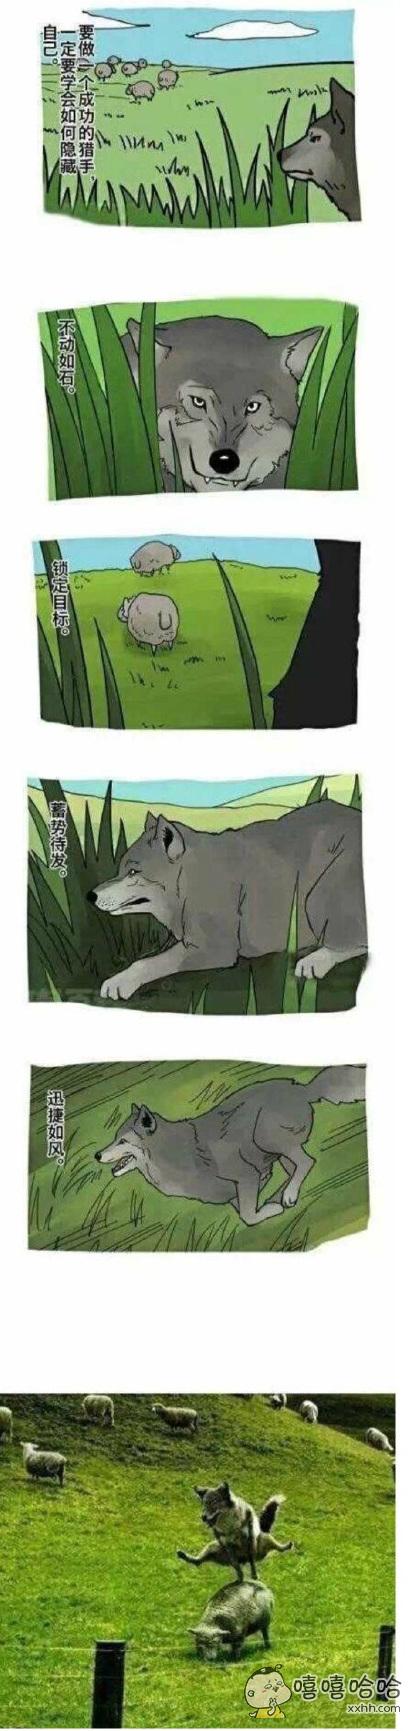 分享一只目标明确的狼